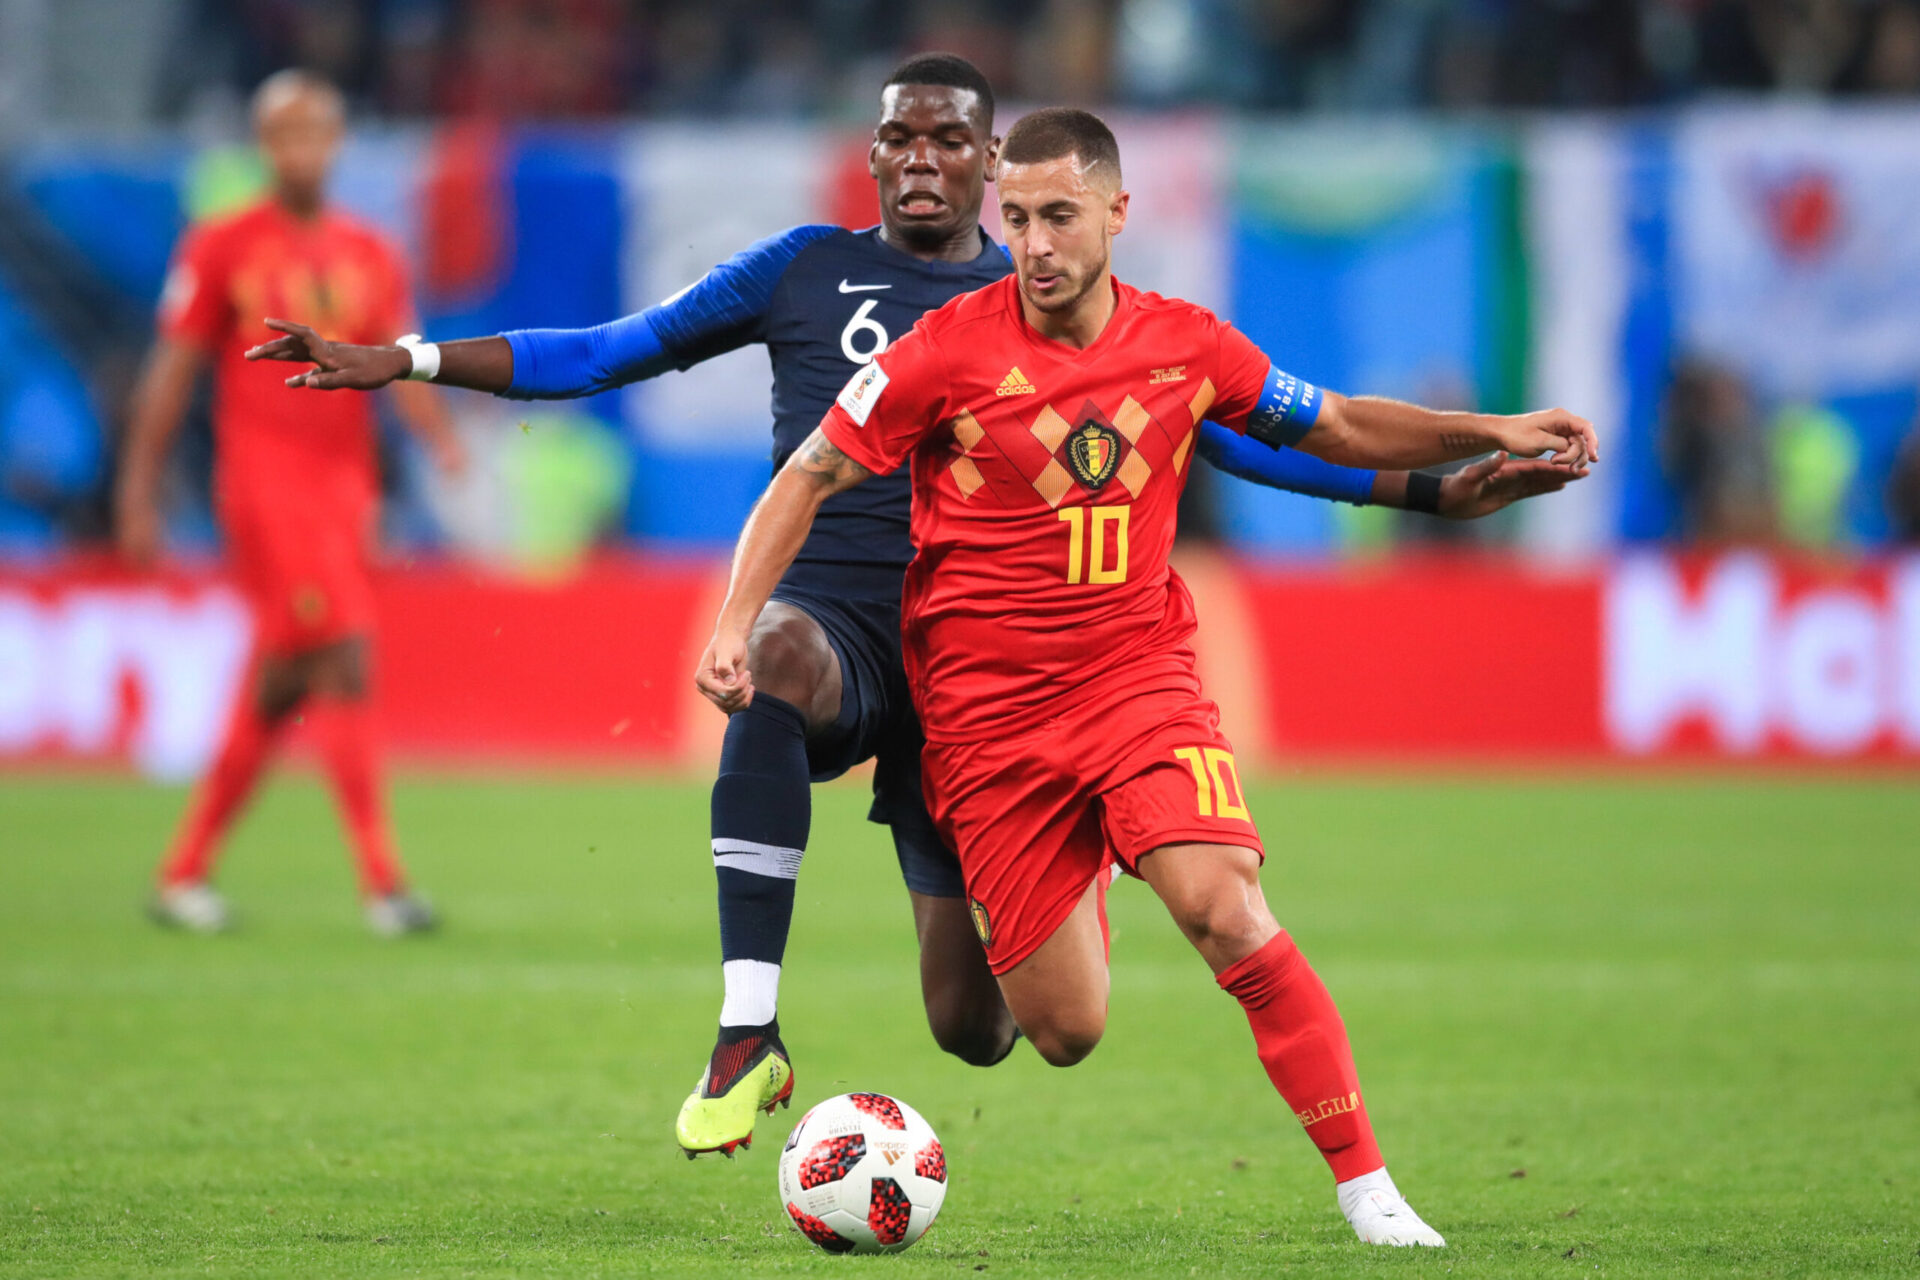 Le 7 octobre, la France et la Belgique s'affronteront à Turin en demi-finale de la Ligue des nations (iconsport)